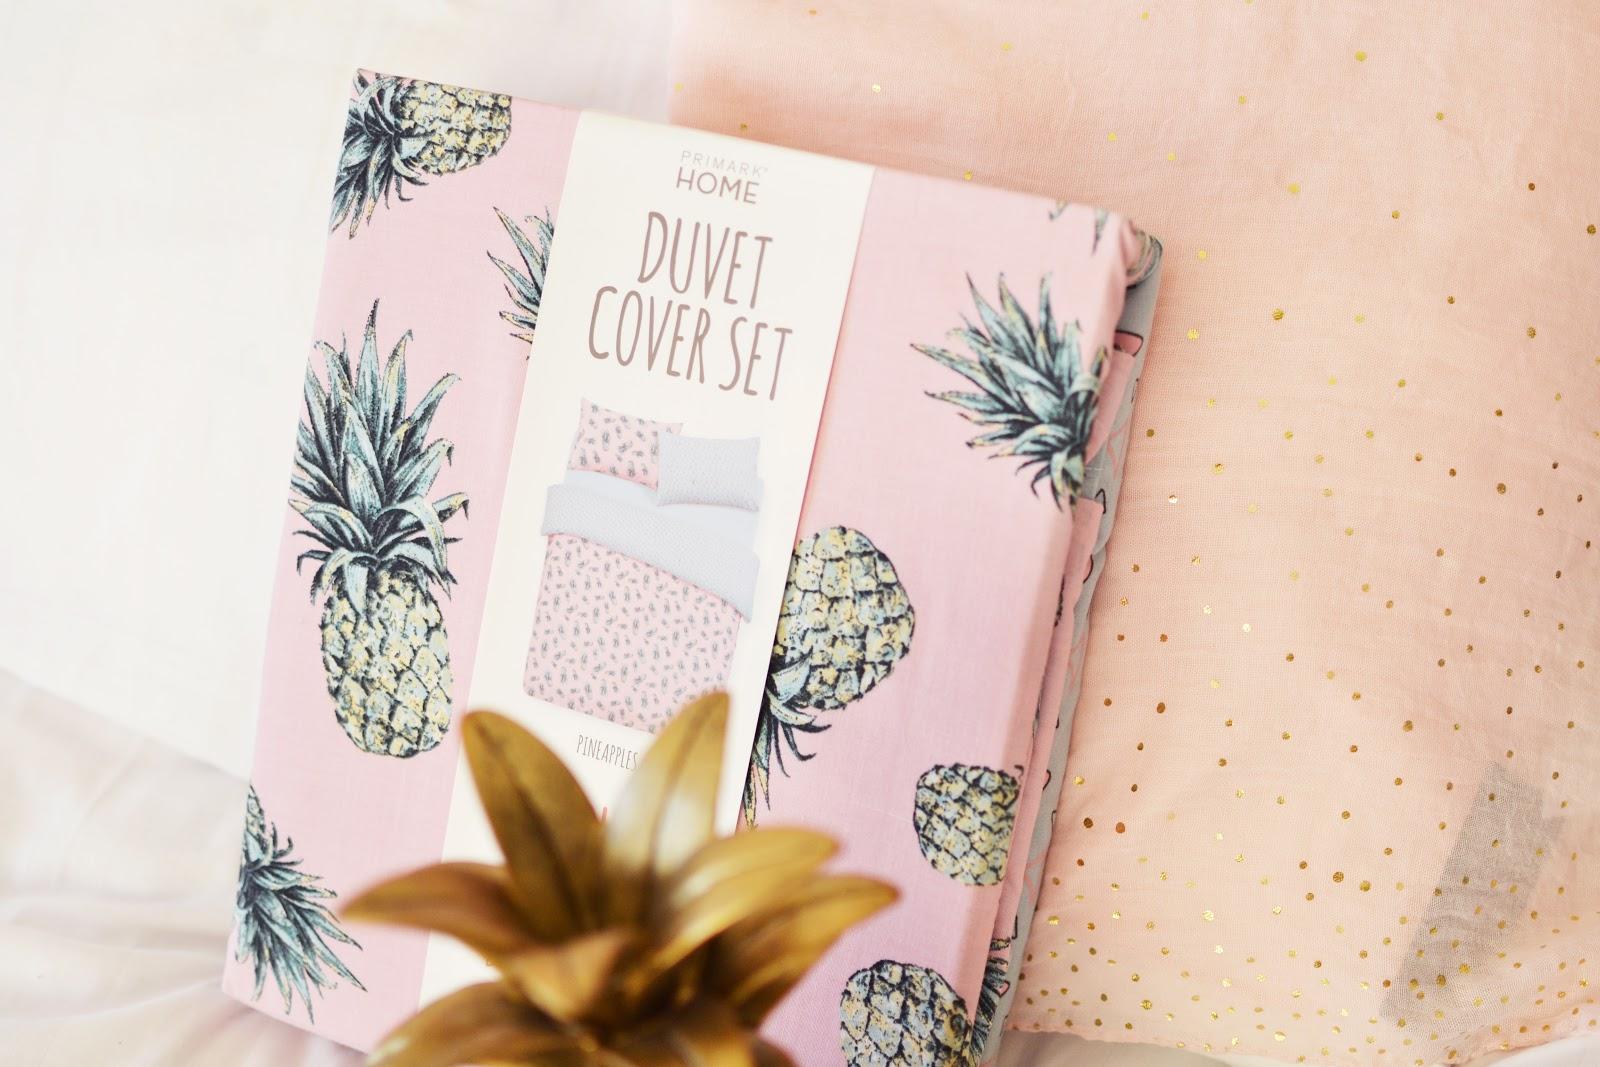 pineapple print duvet cover set